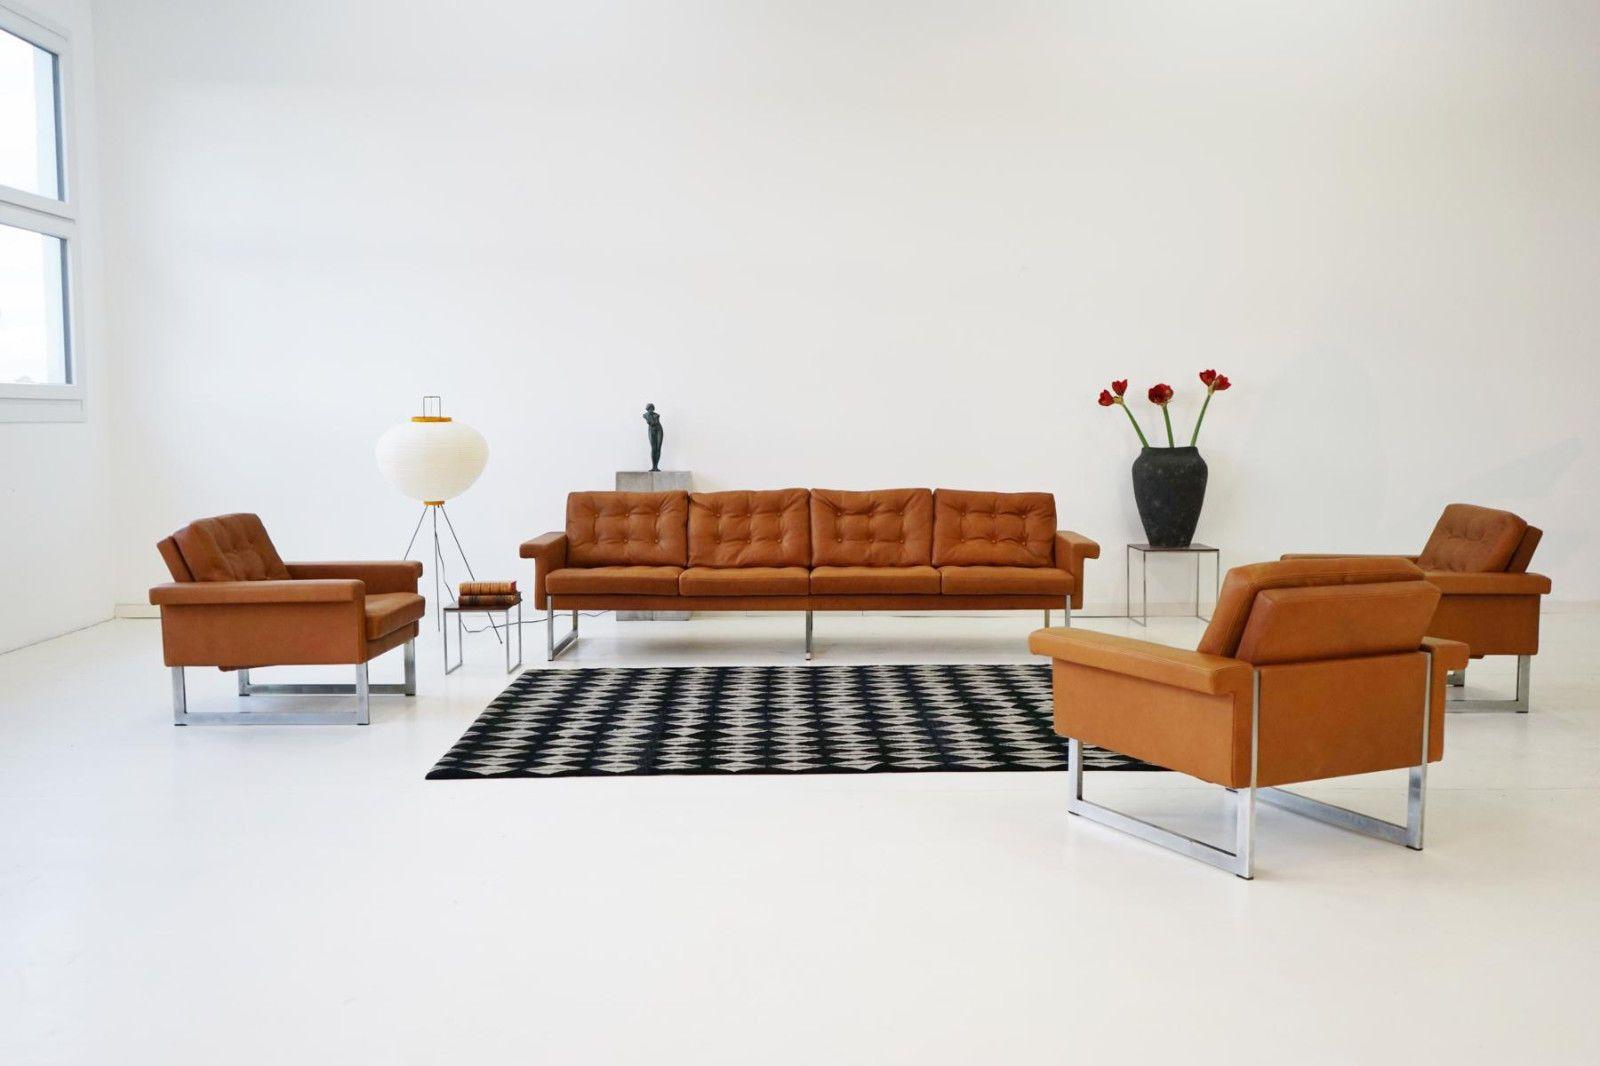 Wunderschön Sofa Und Sessel Galerie Von 4-sitzer Chair Lounge Daybed Canapél Leder Leather